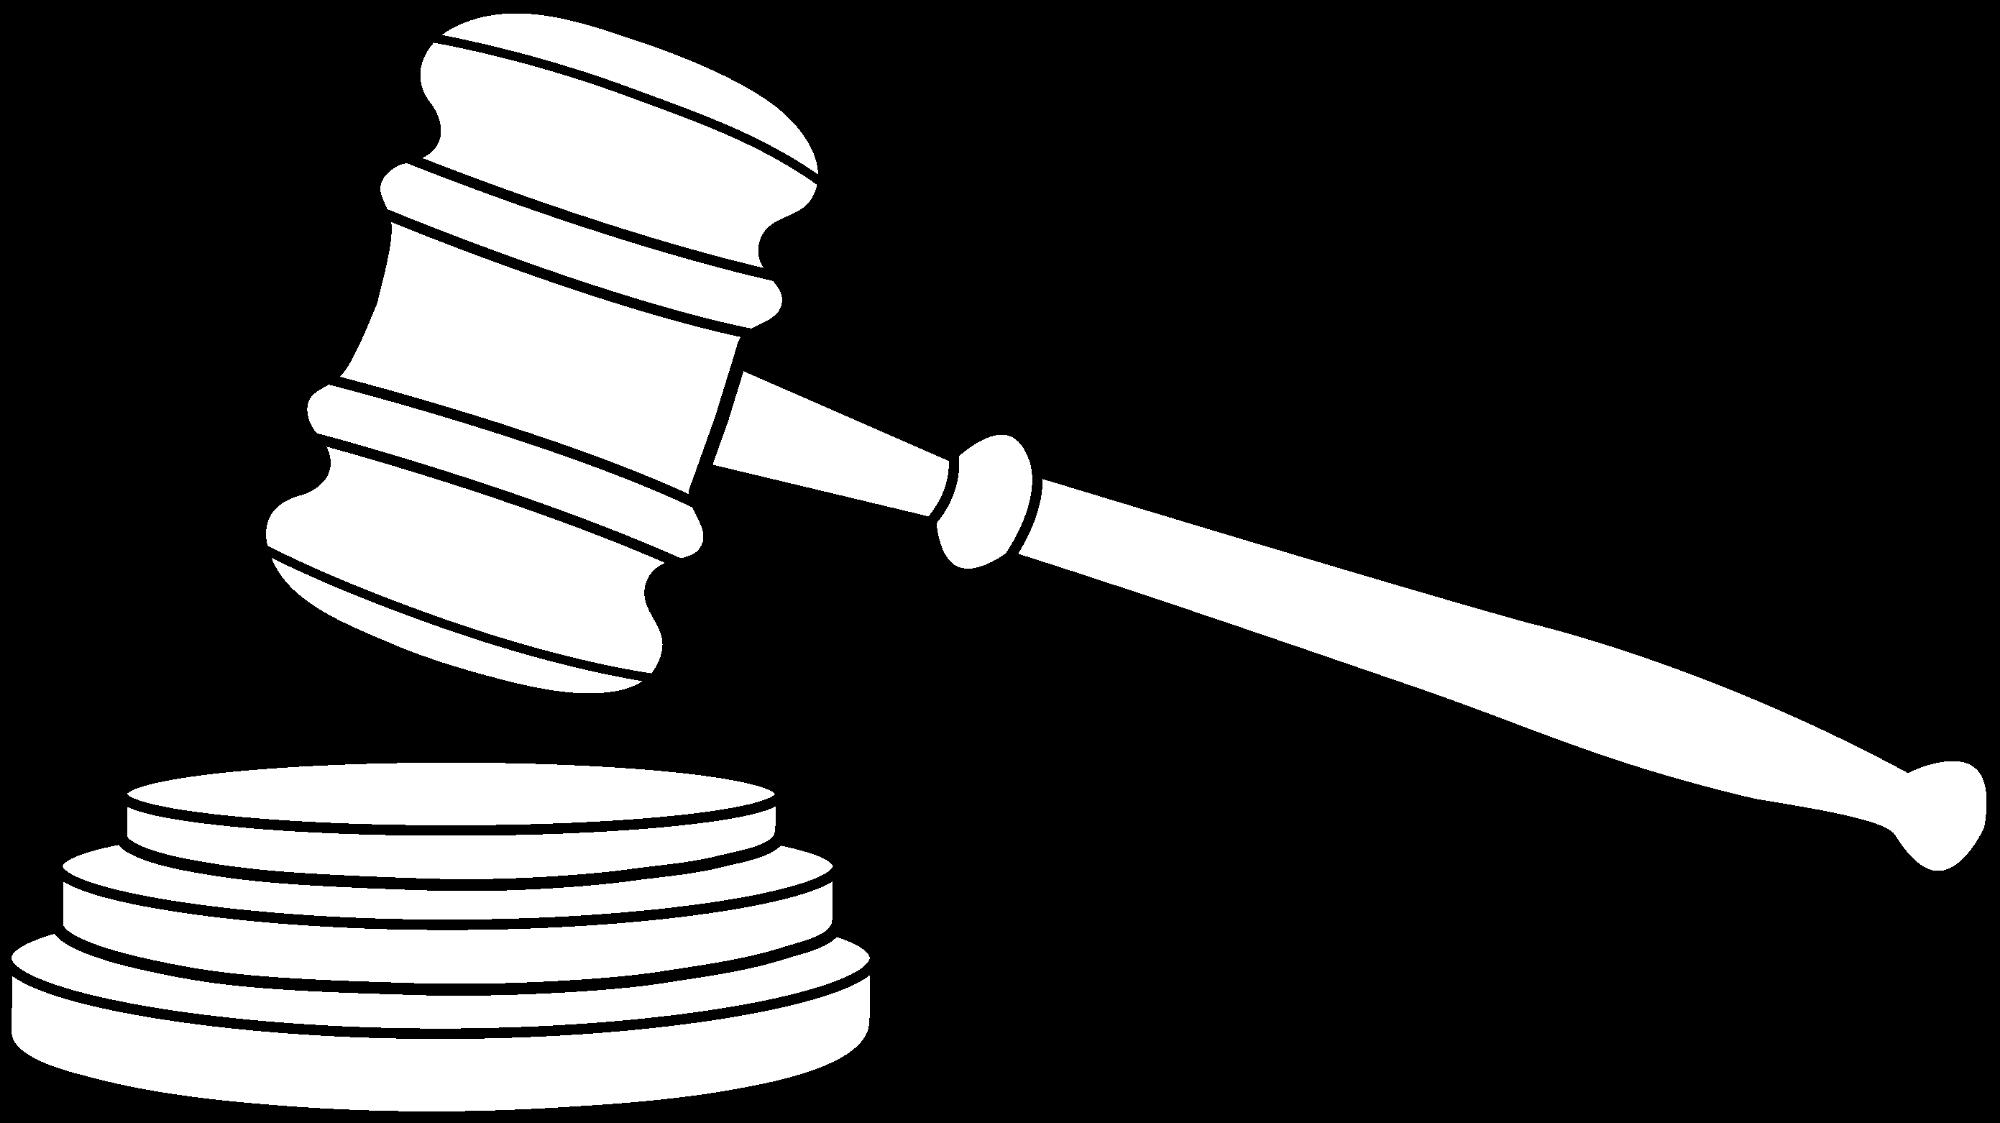 Procédures de condamnation d'un accusé | Boudreau avocat criminaliste et pénal | Montréal – Laval – Longueuil –rive-sud et rive-nord